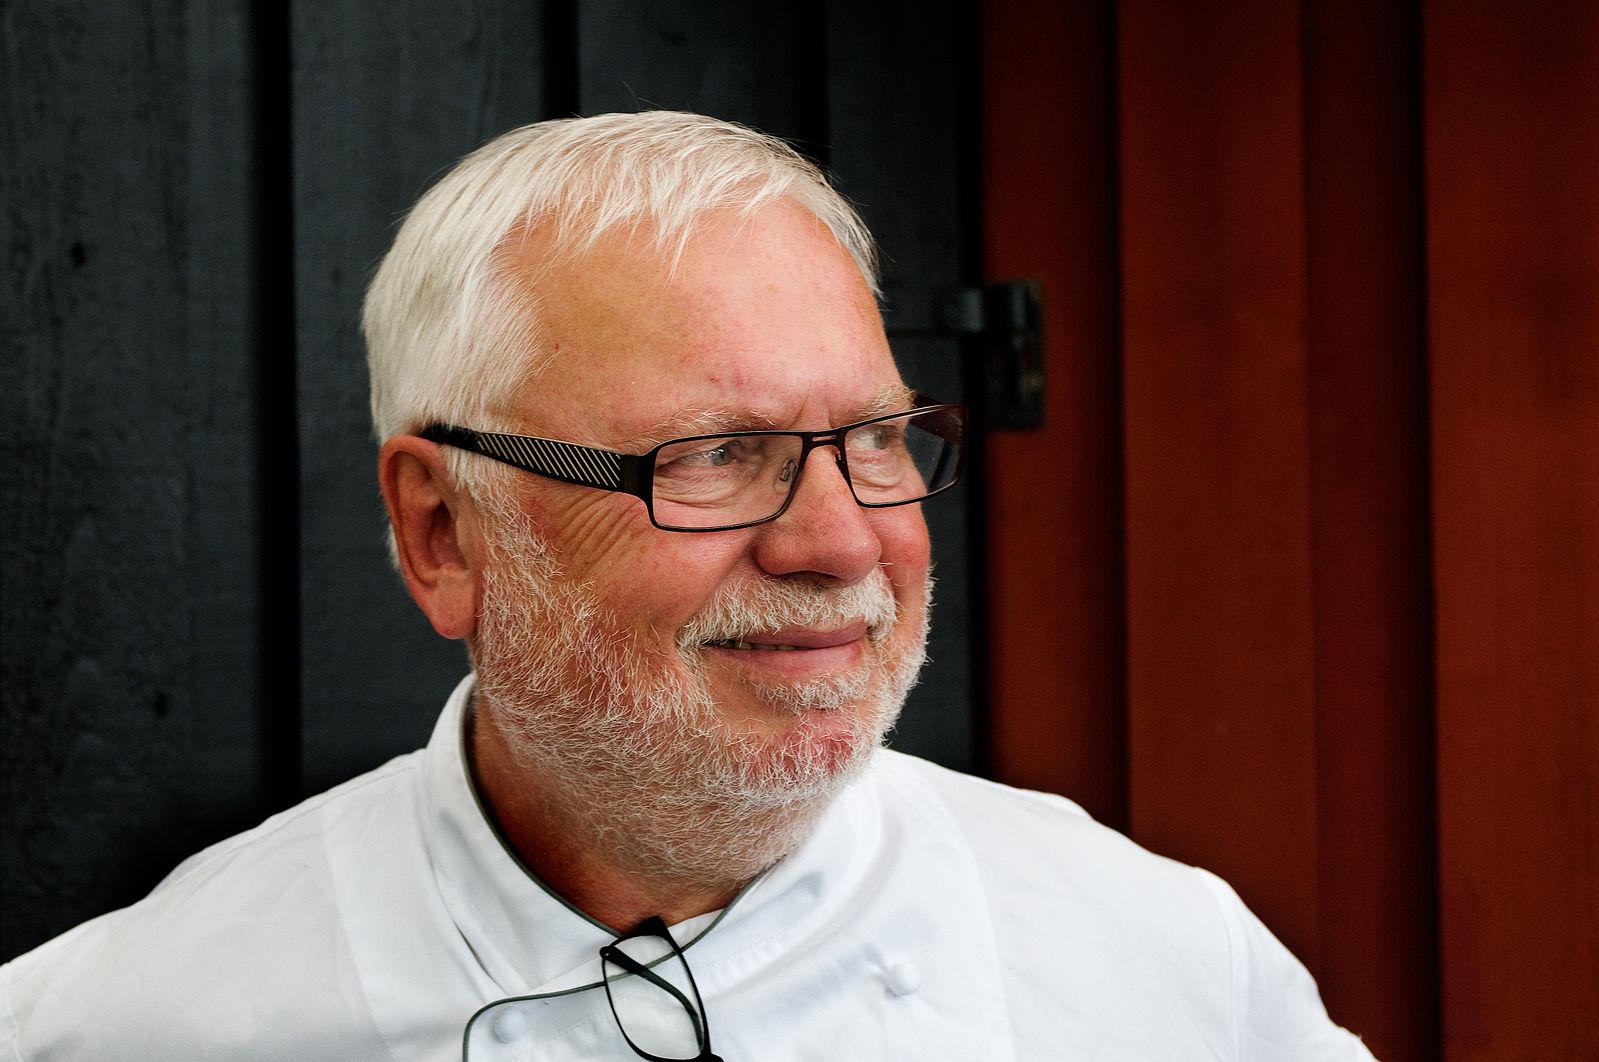 Leif_Mannerström_2012-06-14_001